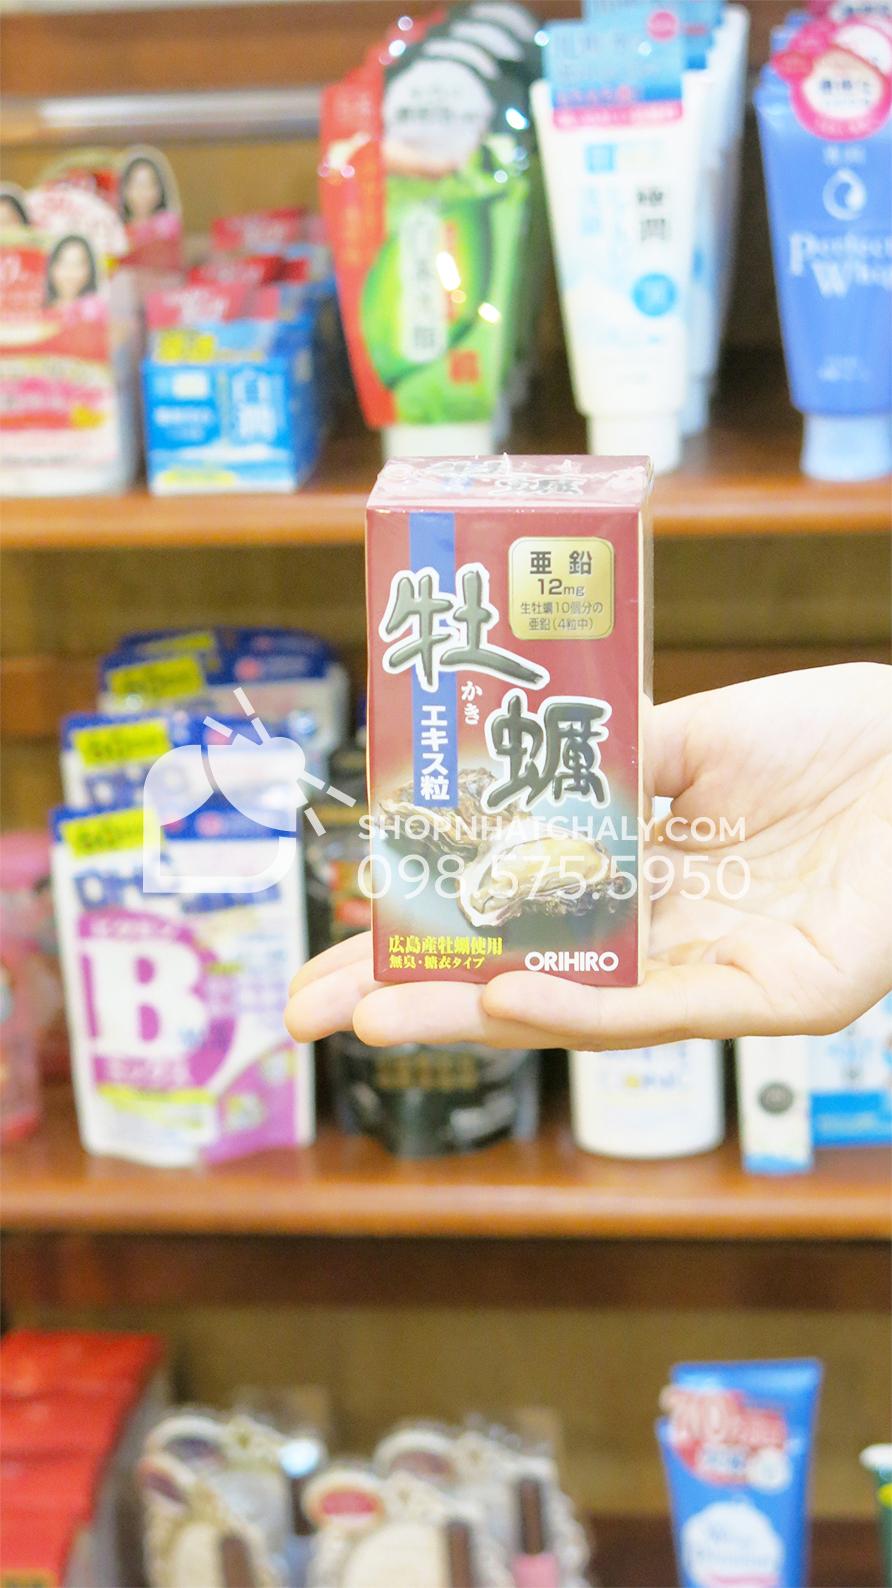 Tinh chất hàu tươi Orihiro Nhật Bản thải độc gan bổ dương trên tay